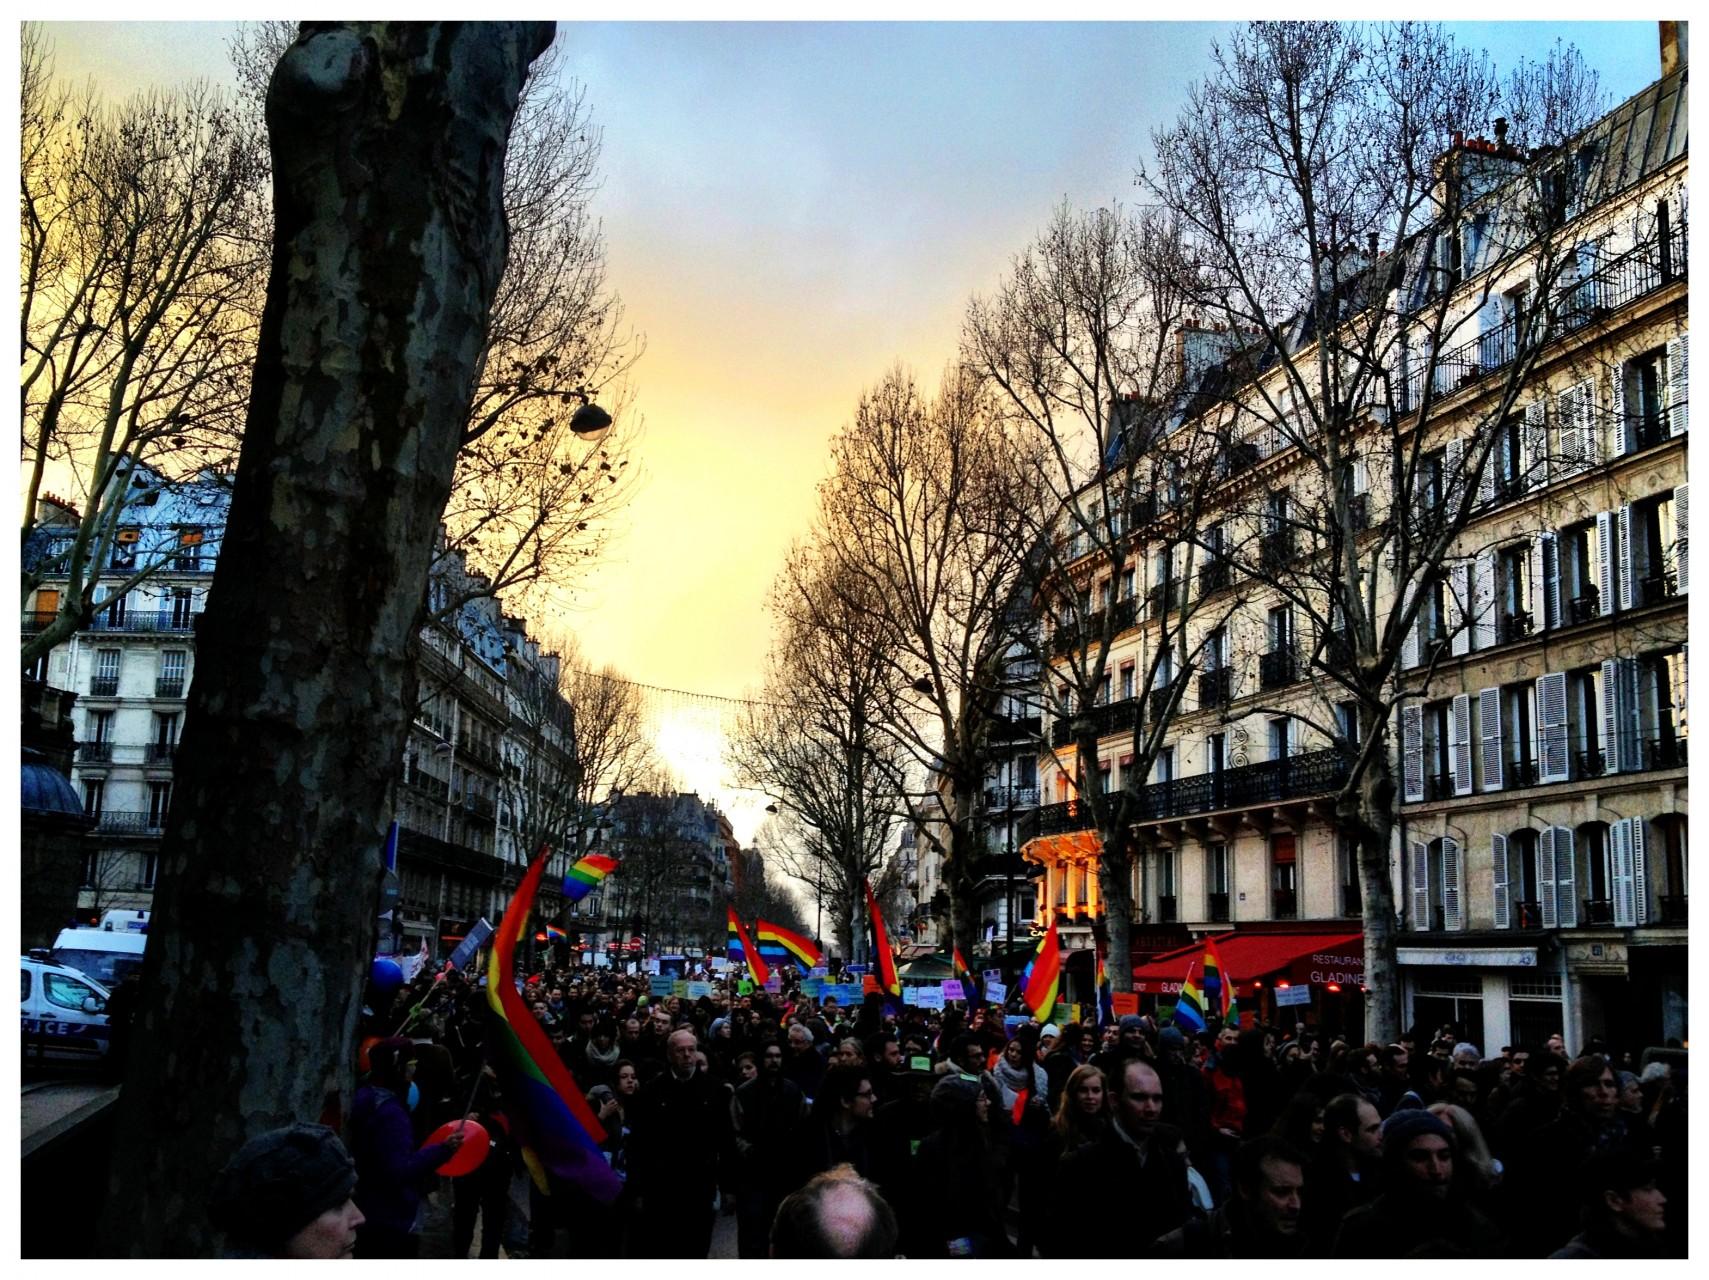 Paris XIVème - 2013